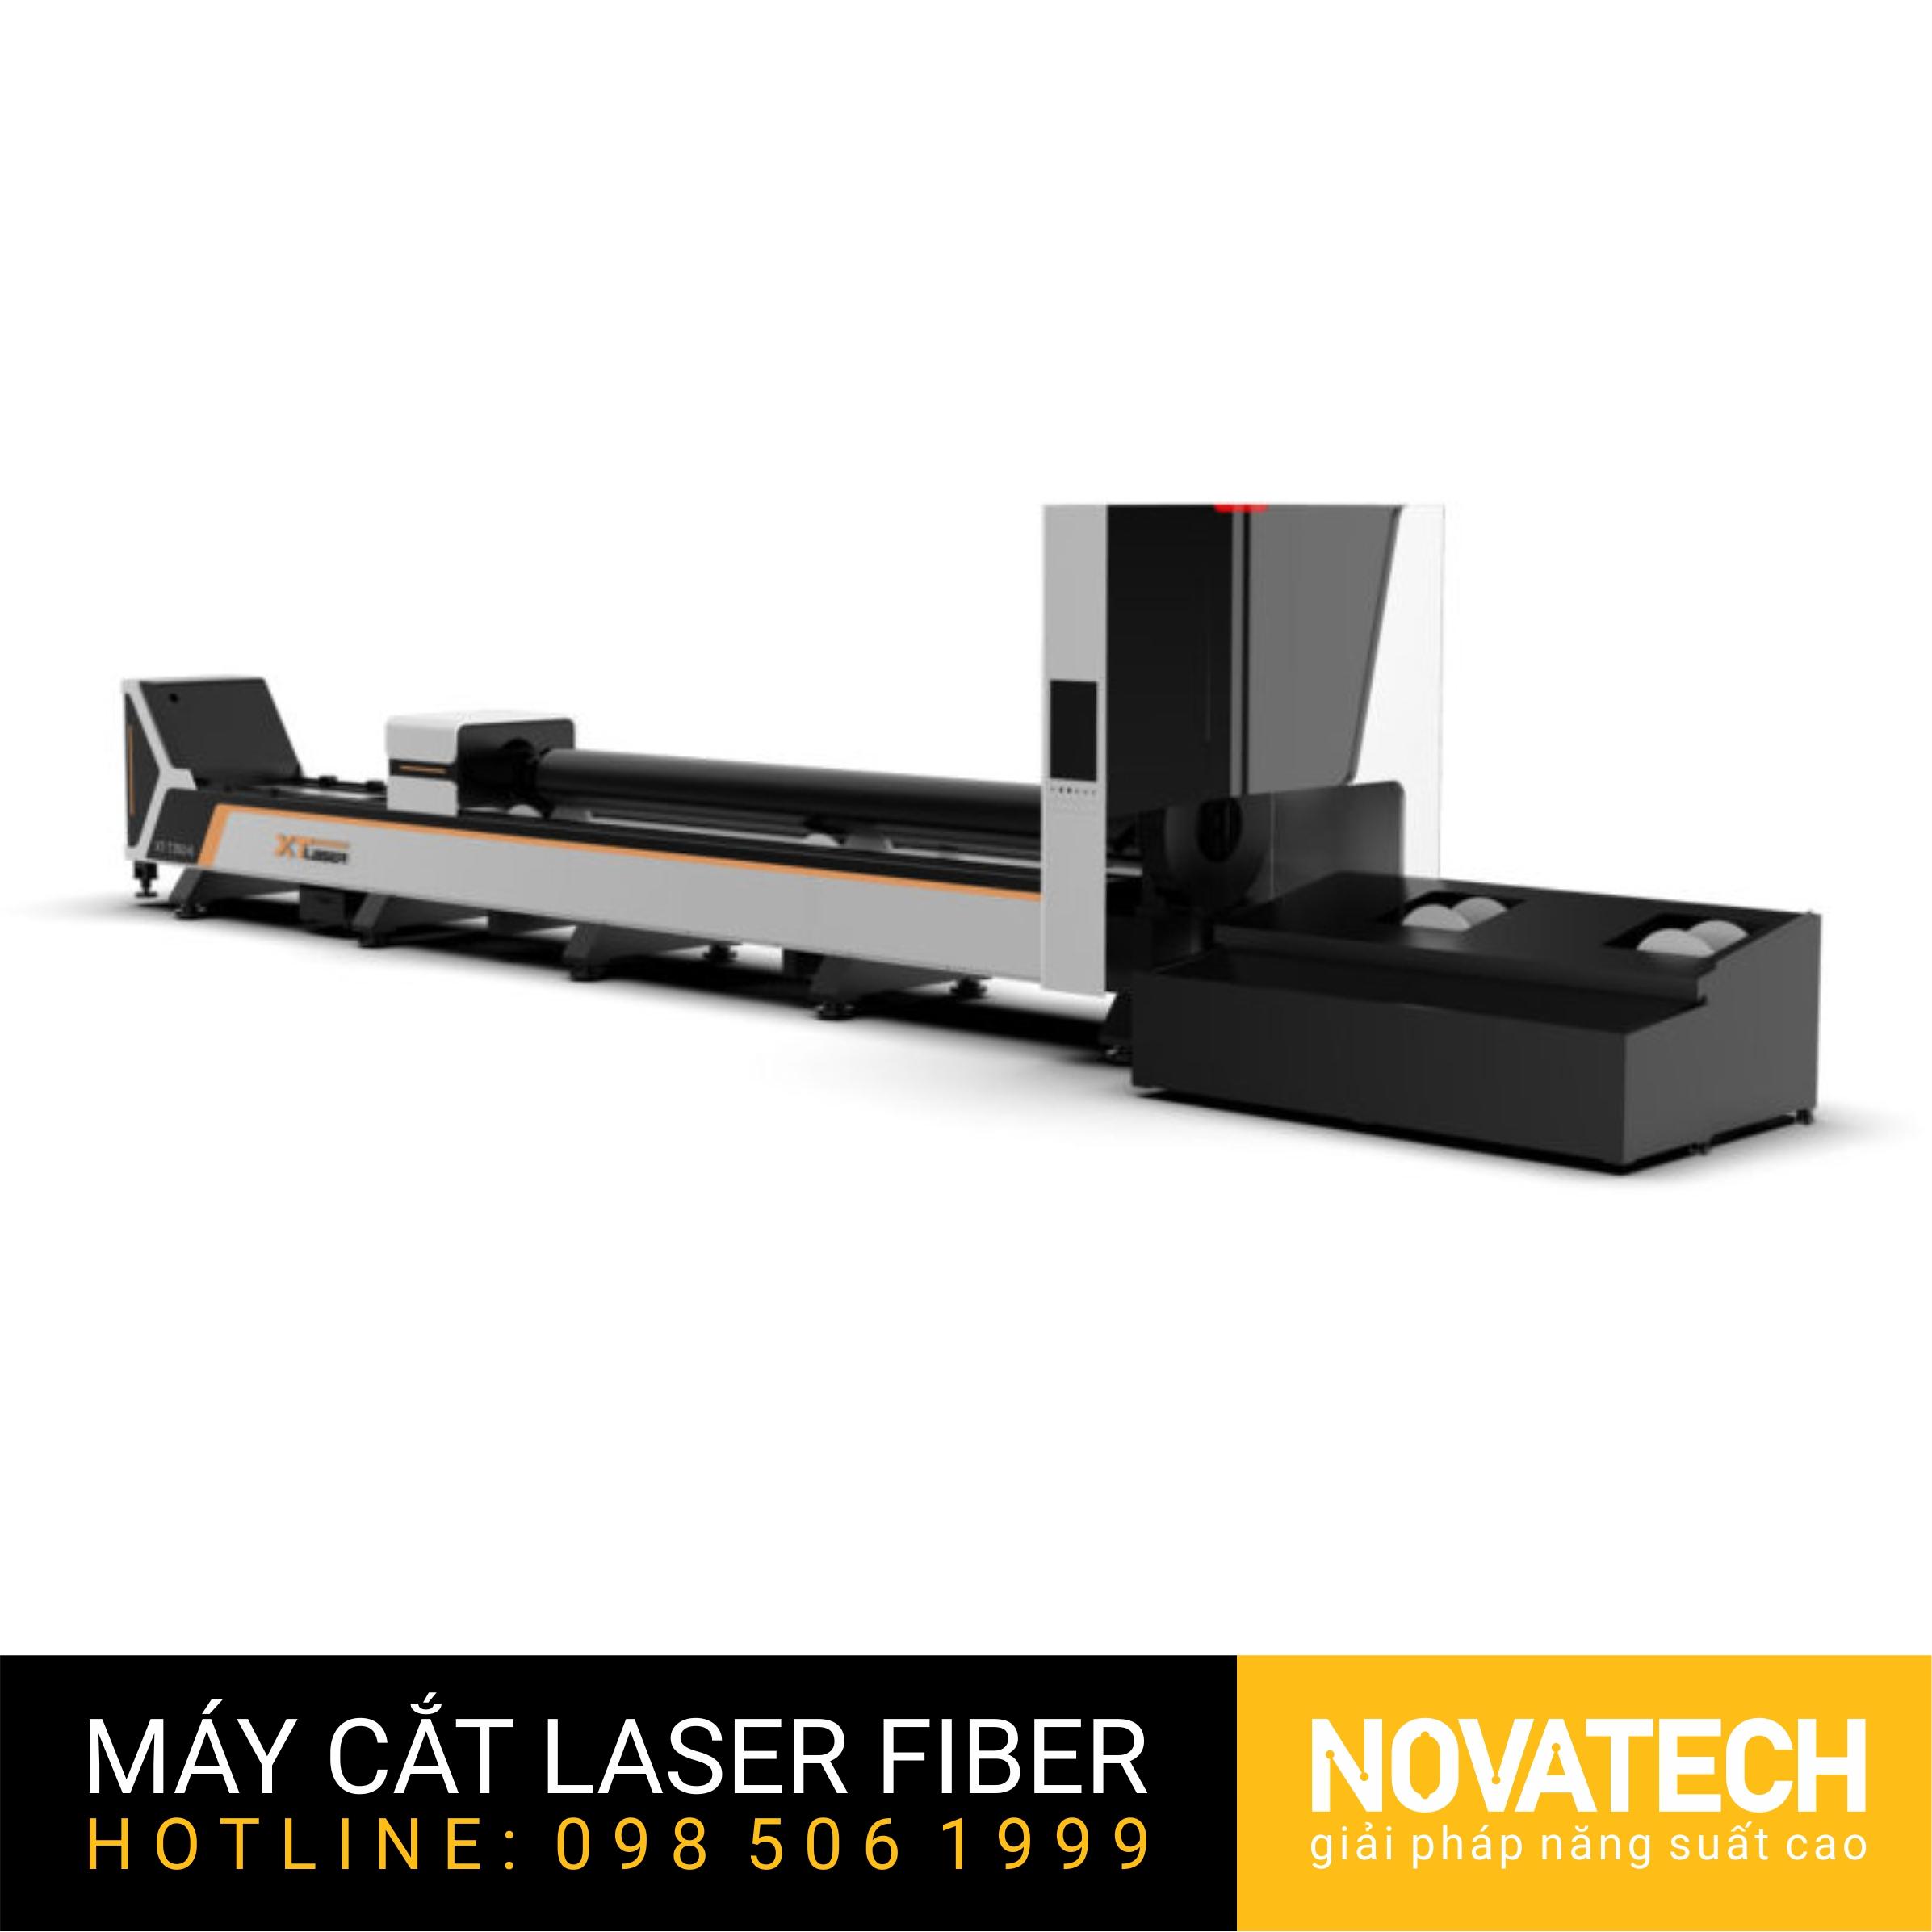 Máy cắt ống laser fiber XT-Laser T-Series